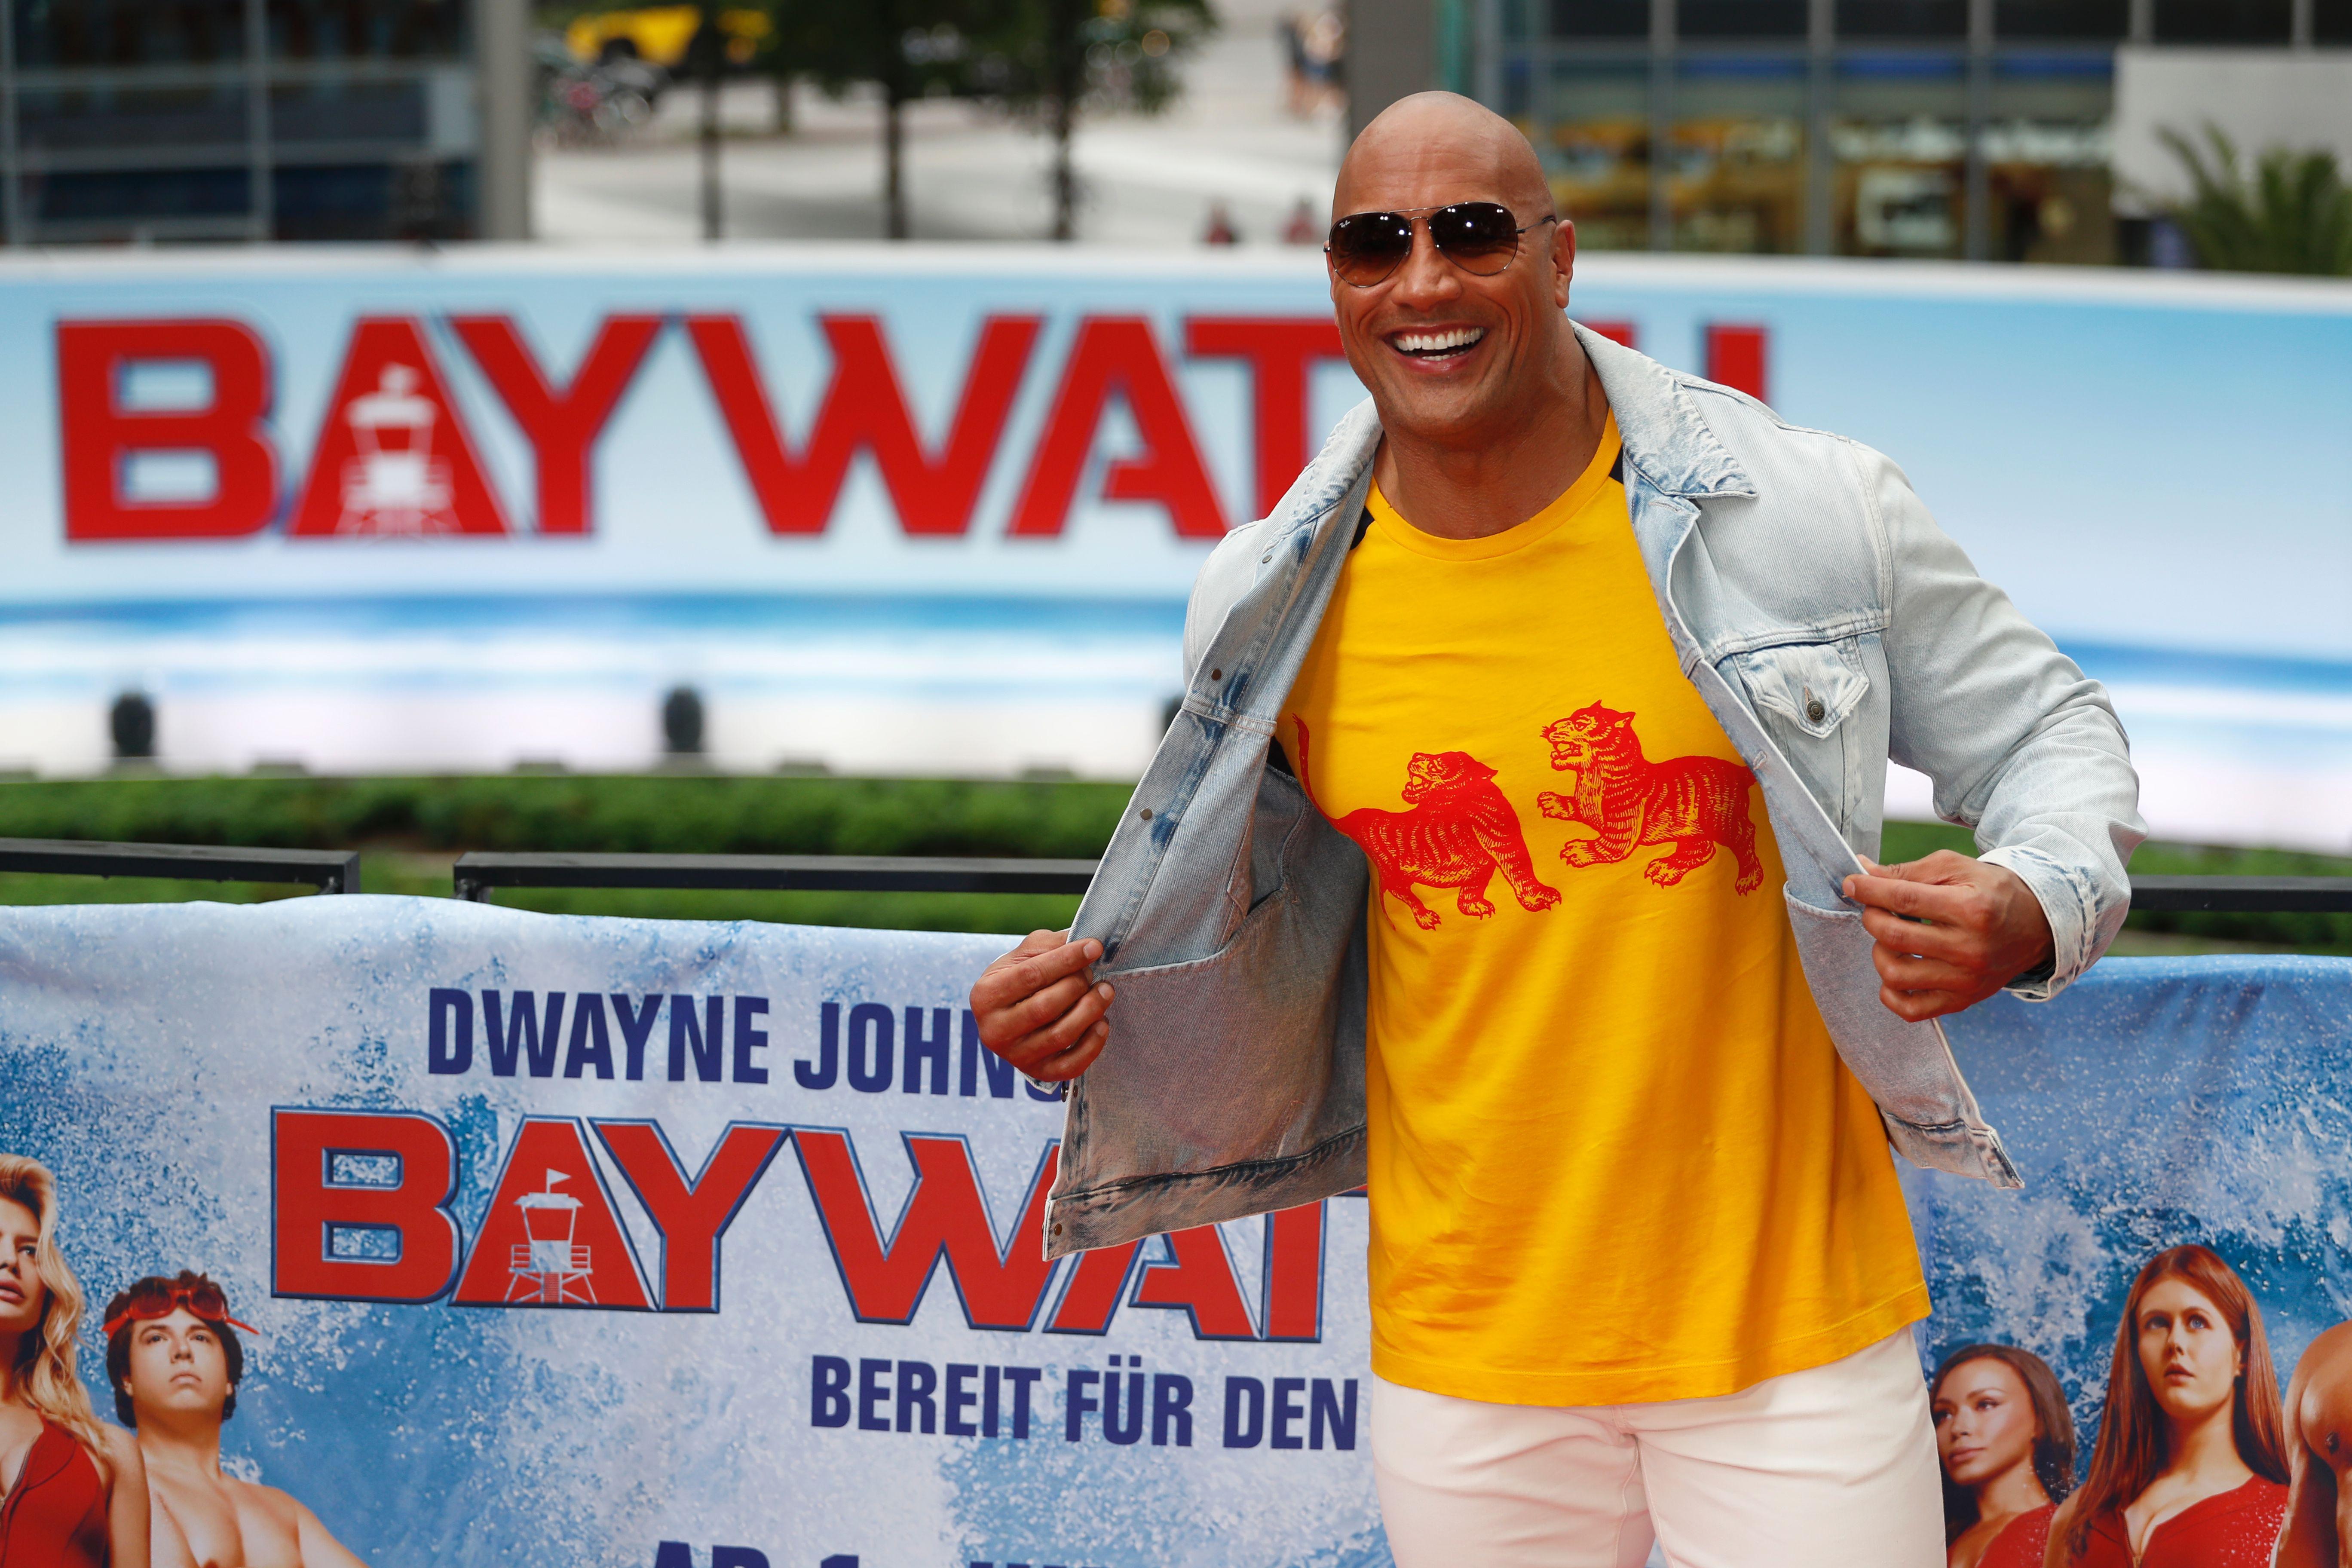 GERMANY-US-CINEMA-BAYWATCH